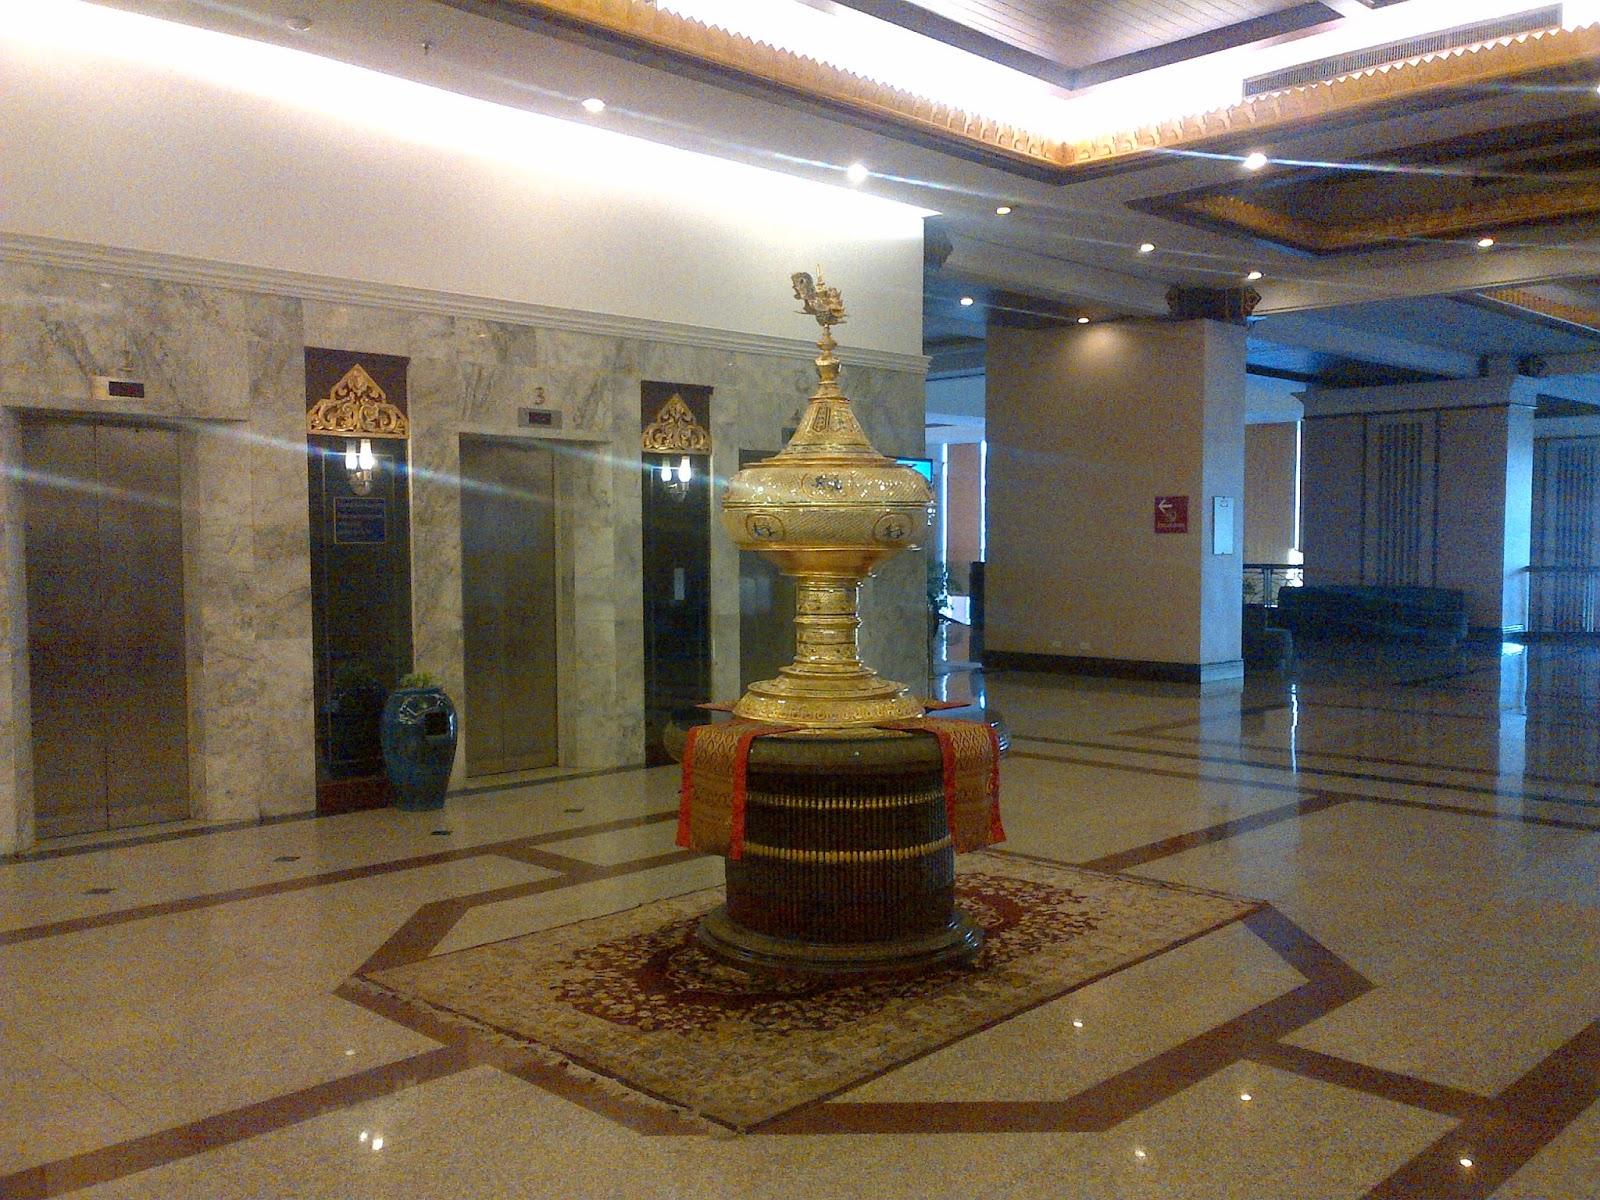 centara+hotel+lobby.jpg